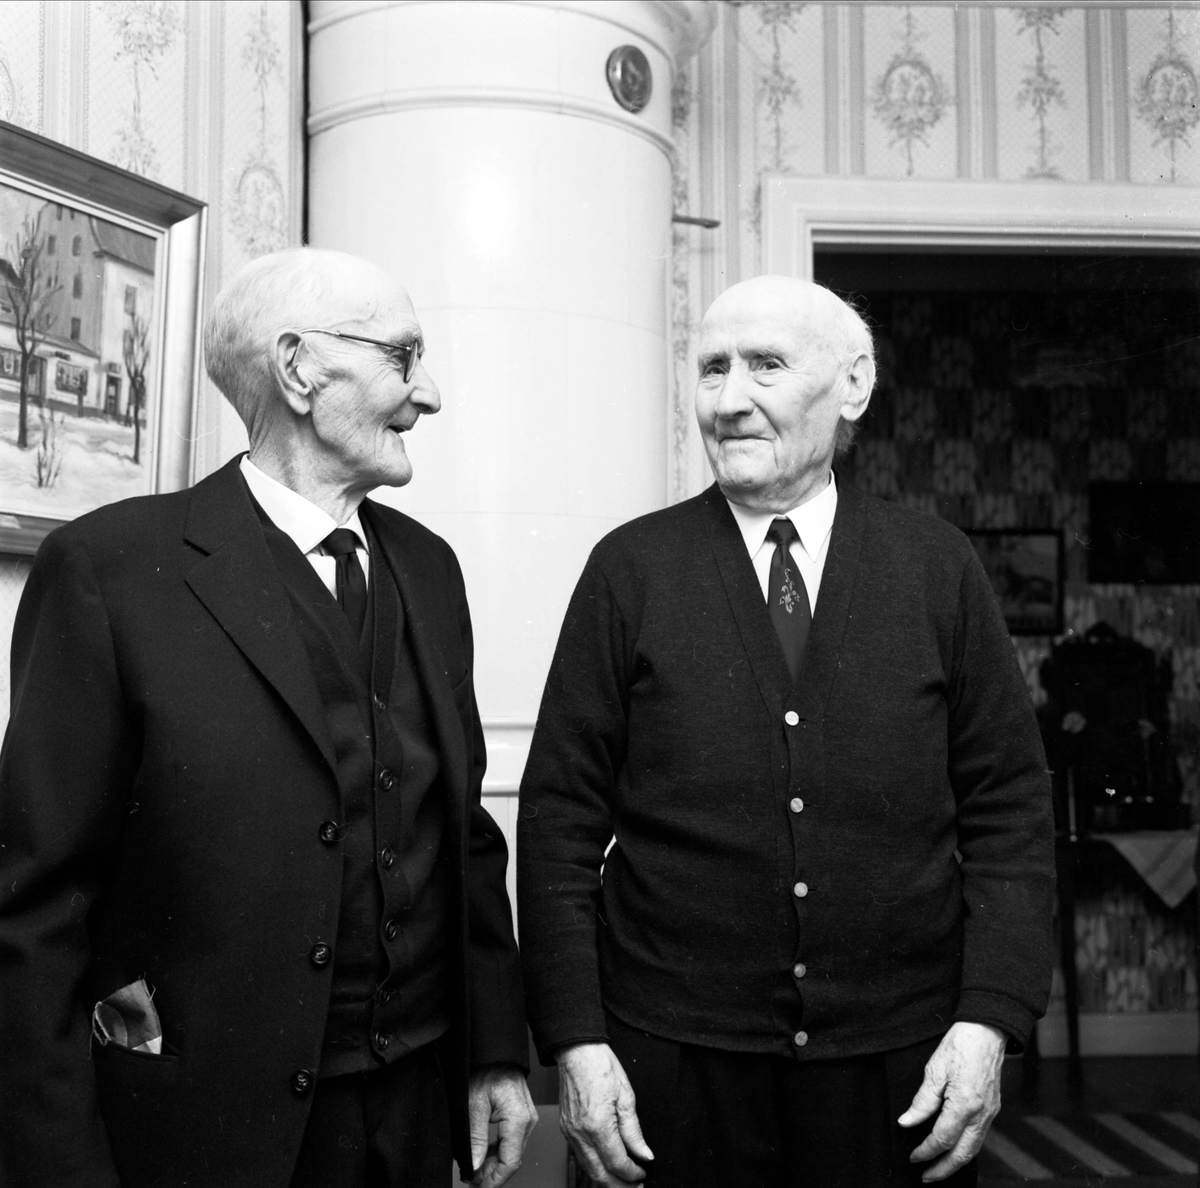 Manne Petterssons 90-årsdag, Tierp, Uppland 1968